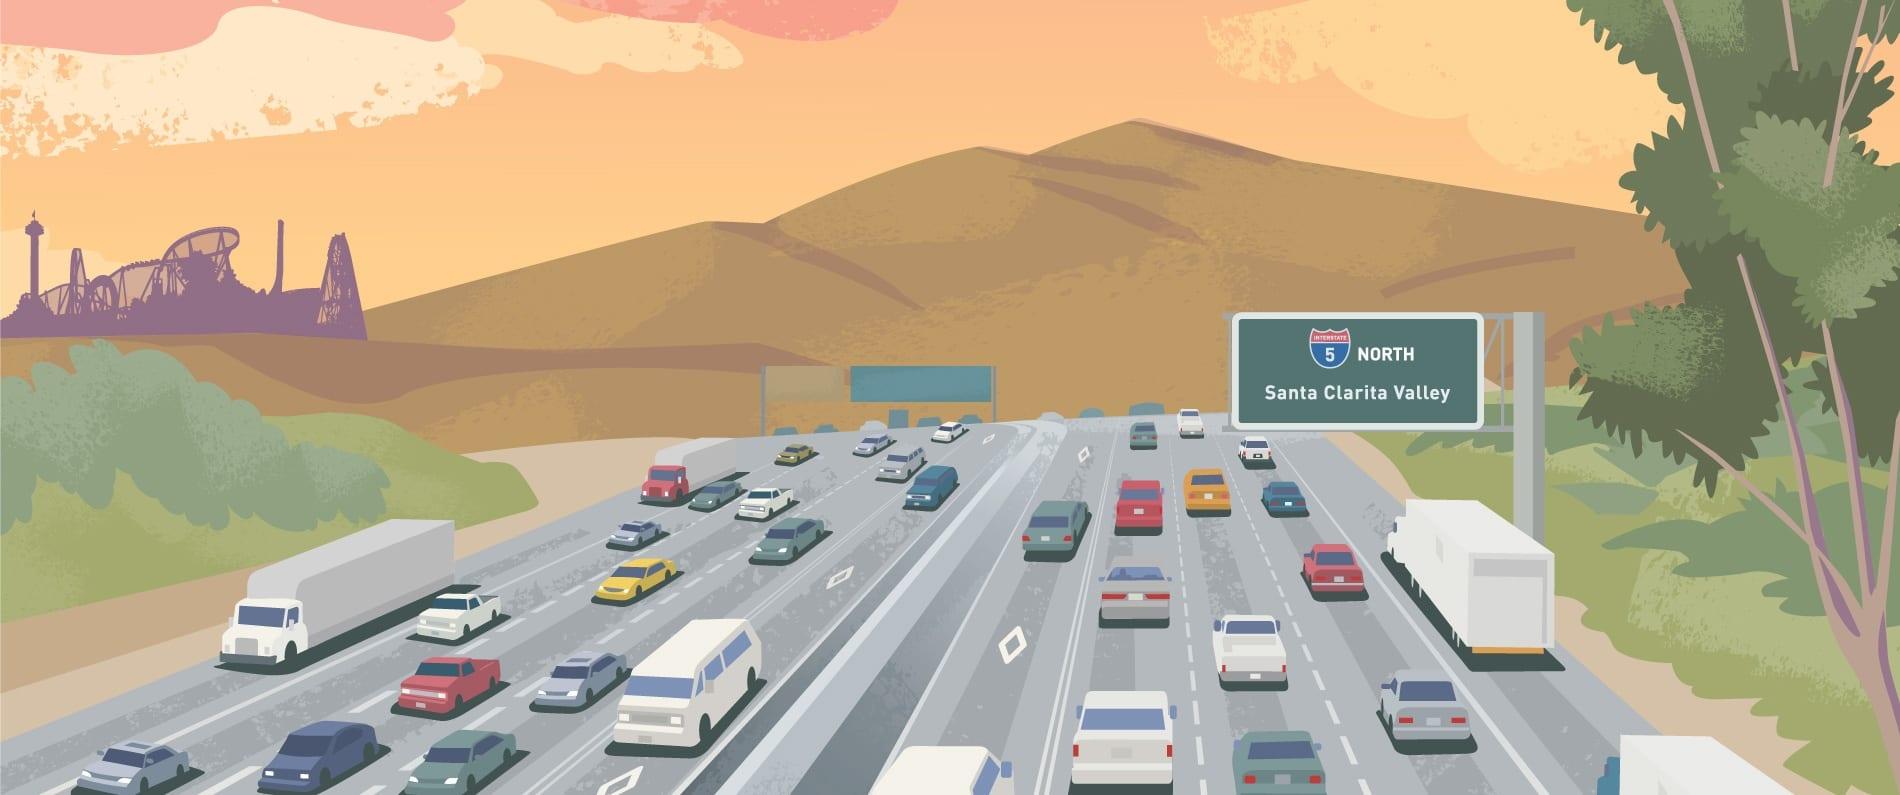 Santa Clarita Under Construction More Traffic